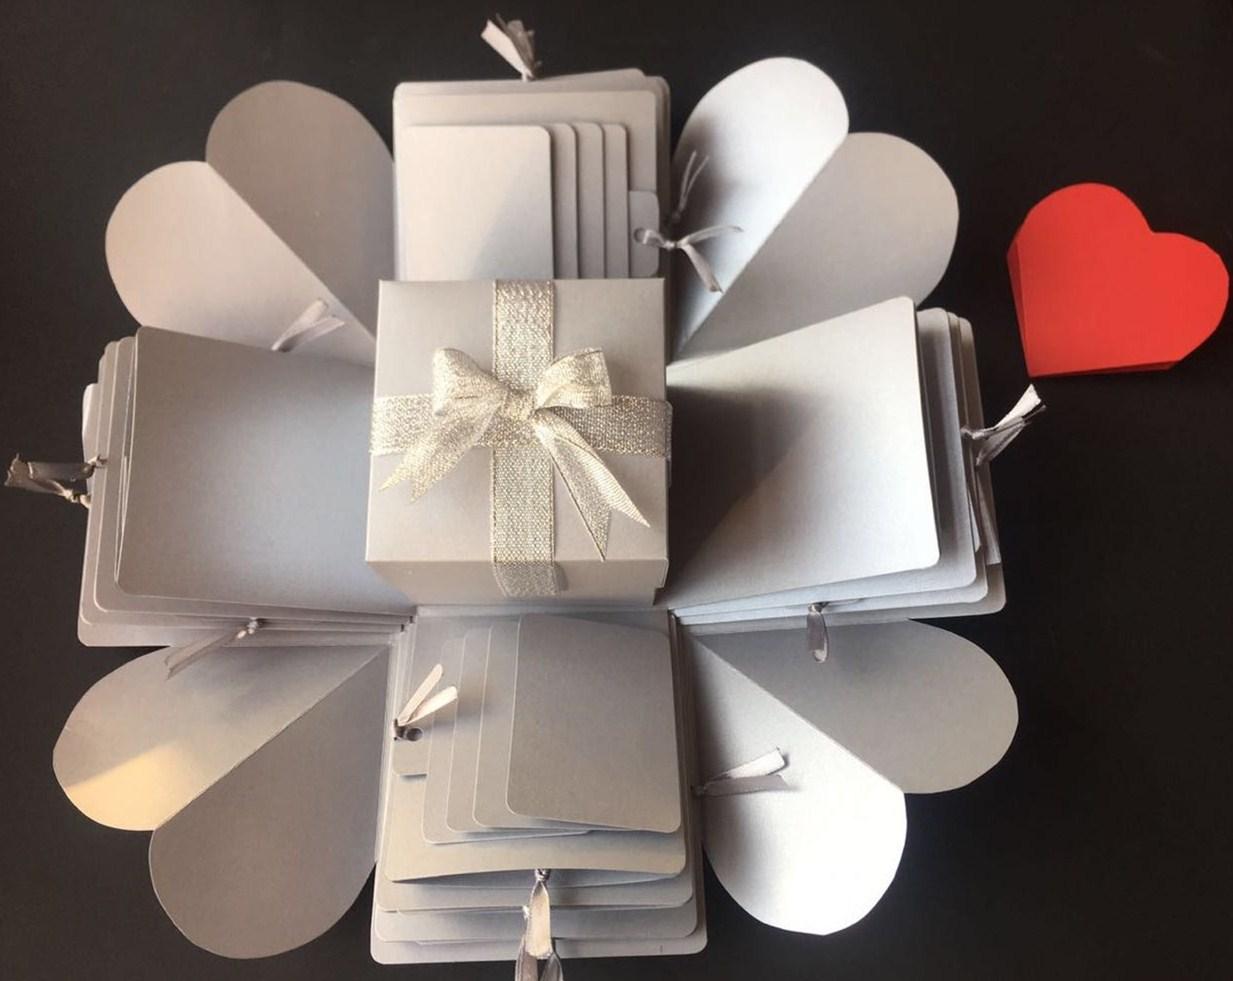 珠光色网红爆炸盒子送男女朋友闺蜜十八岁生日礼物 惊喜DiY相册